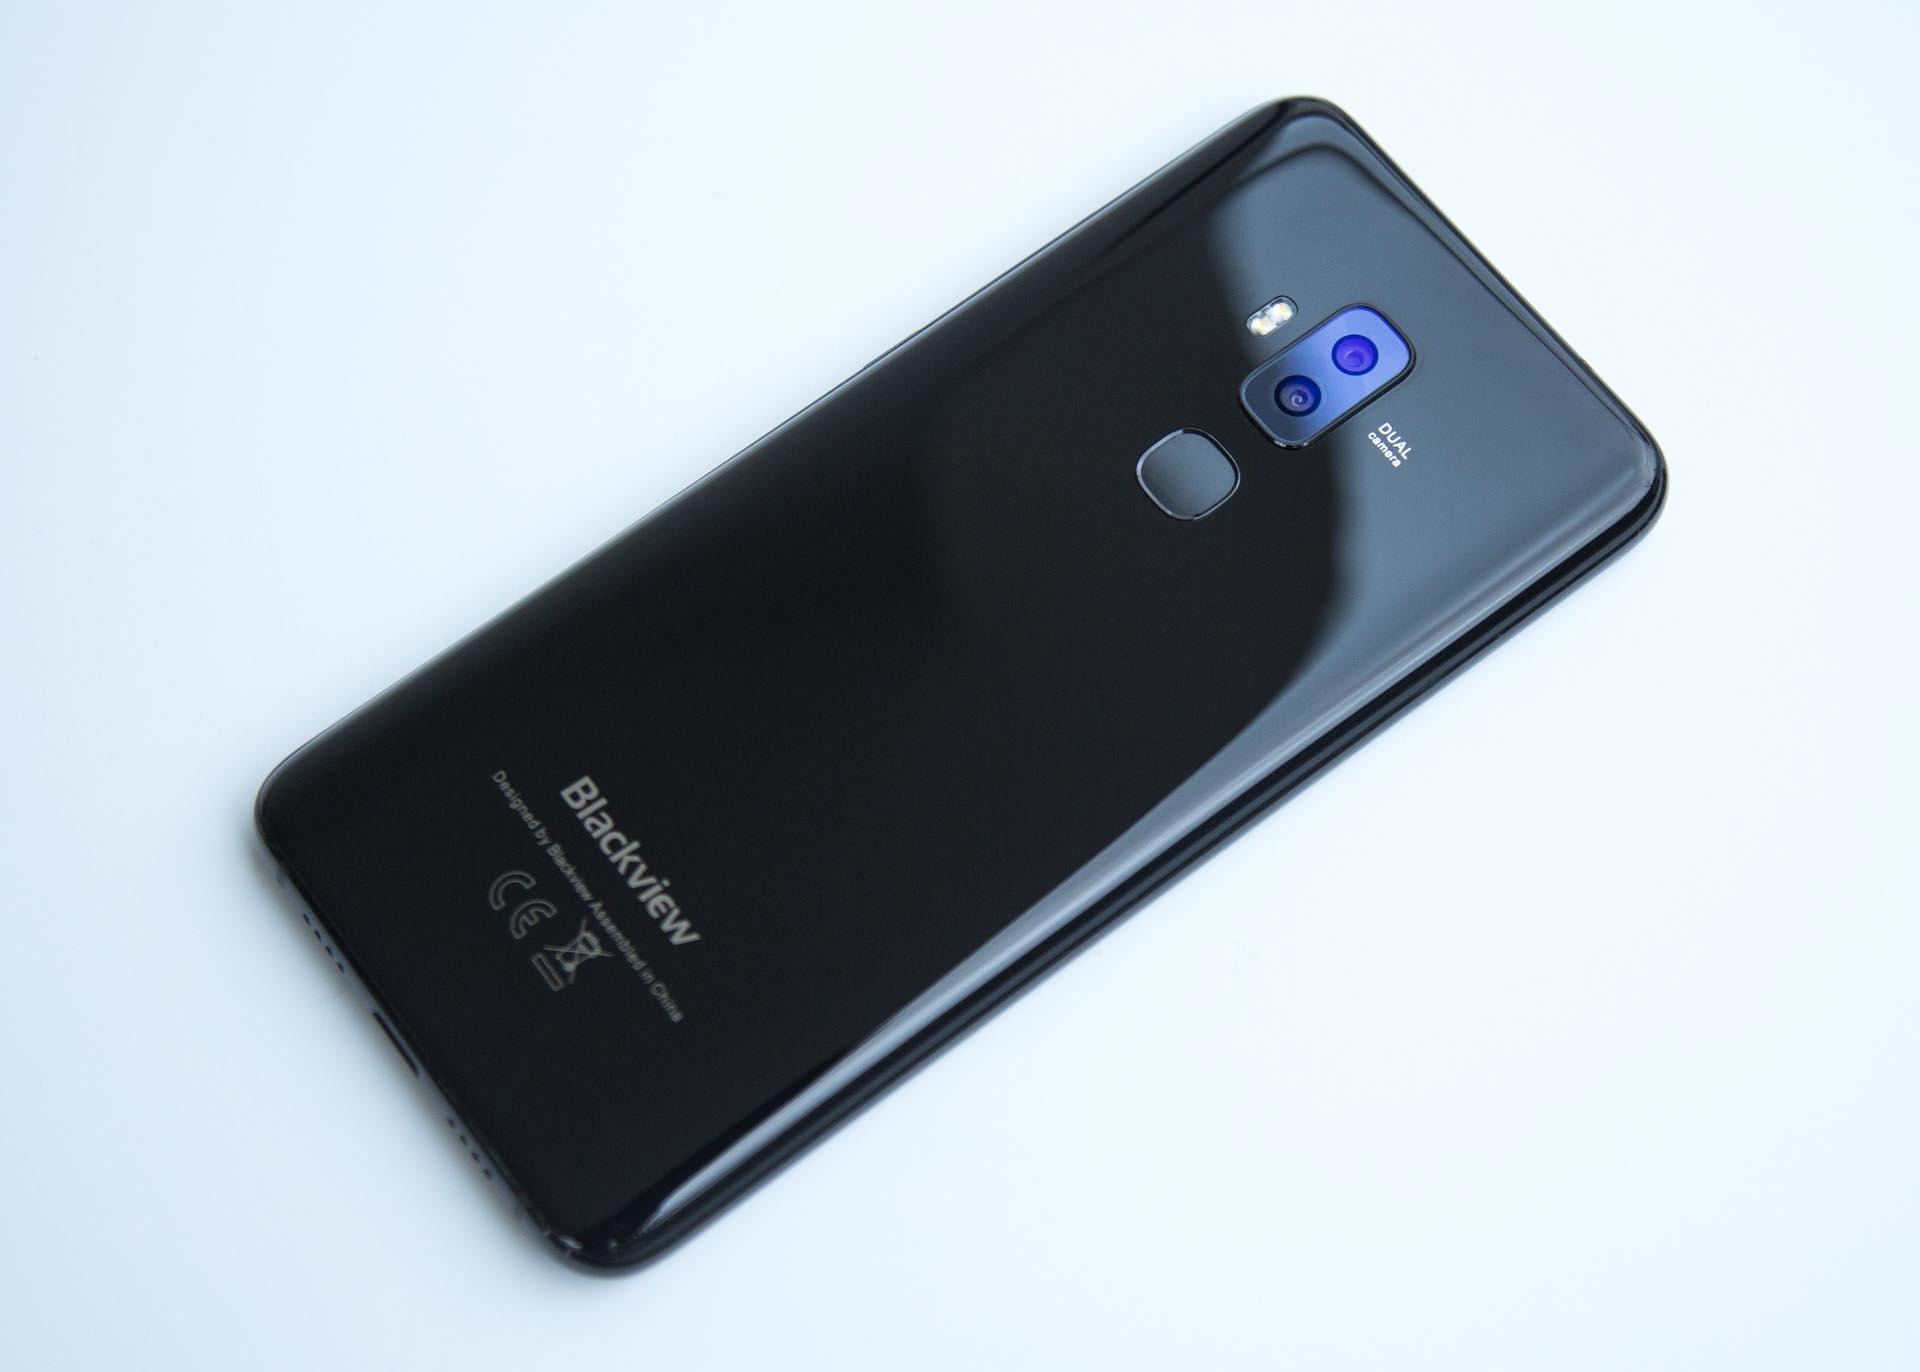 Retro Blackview S8